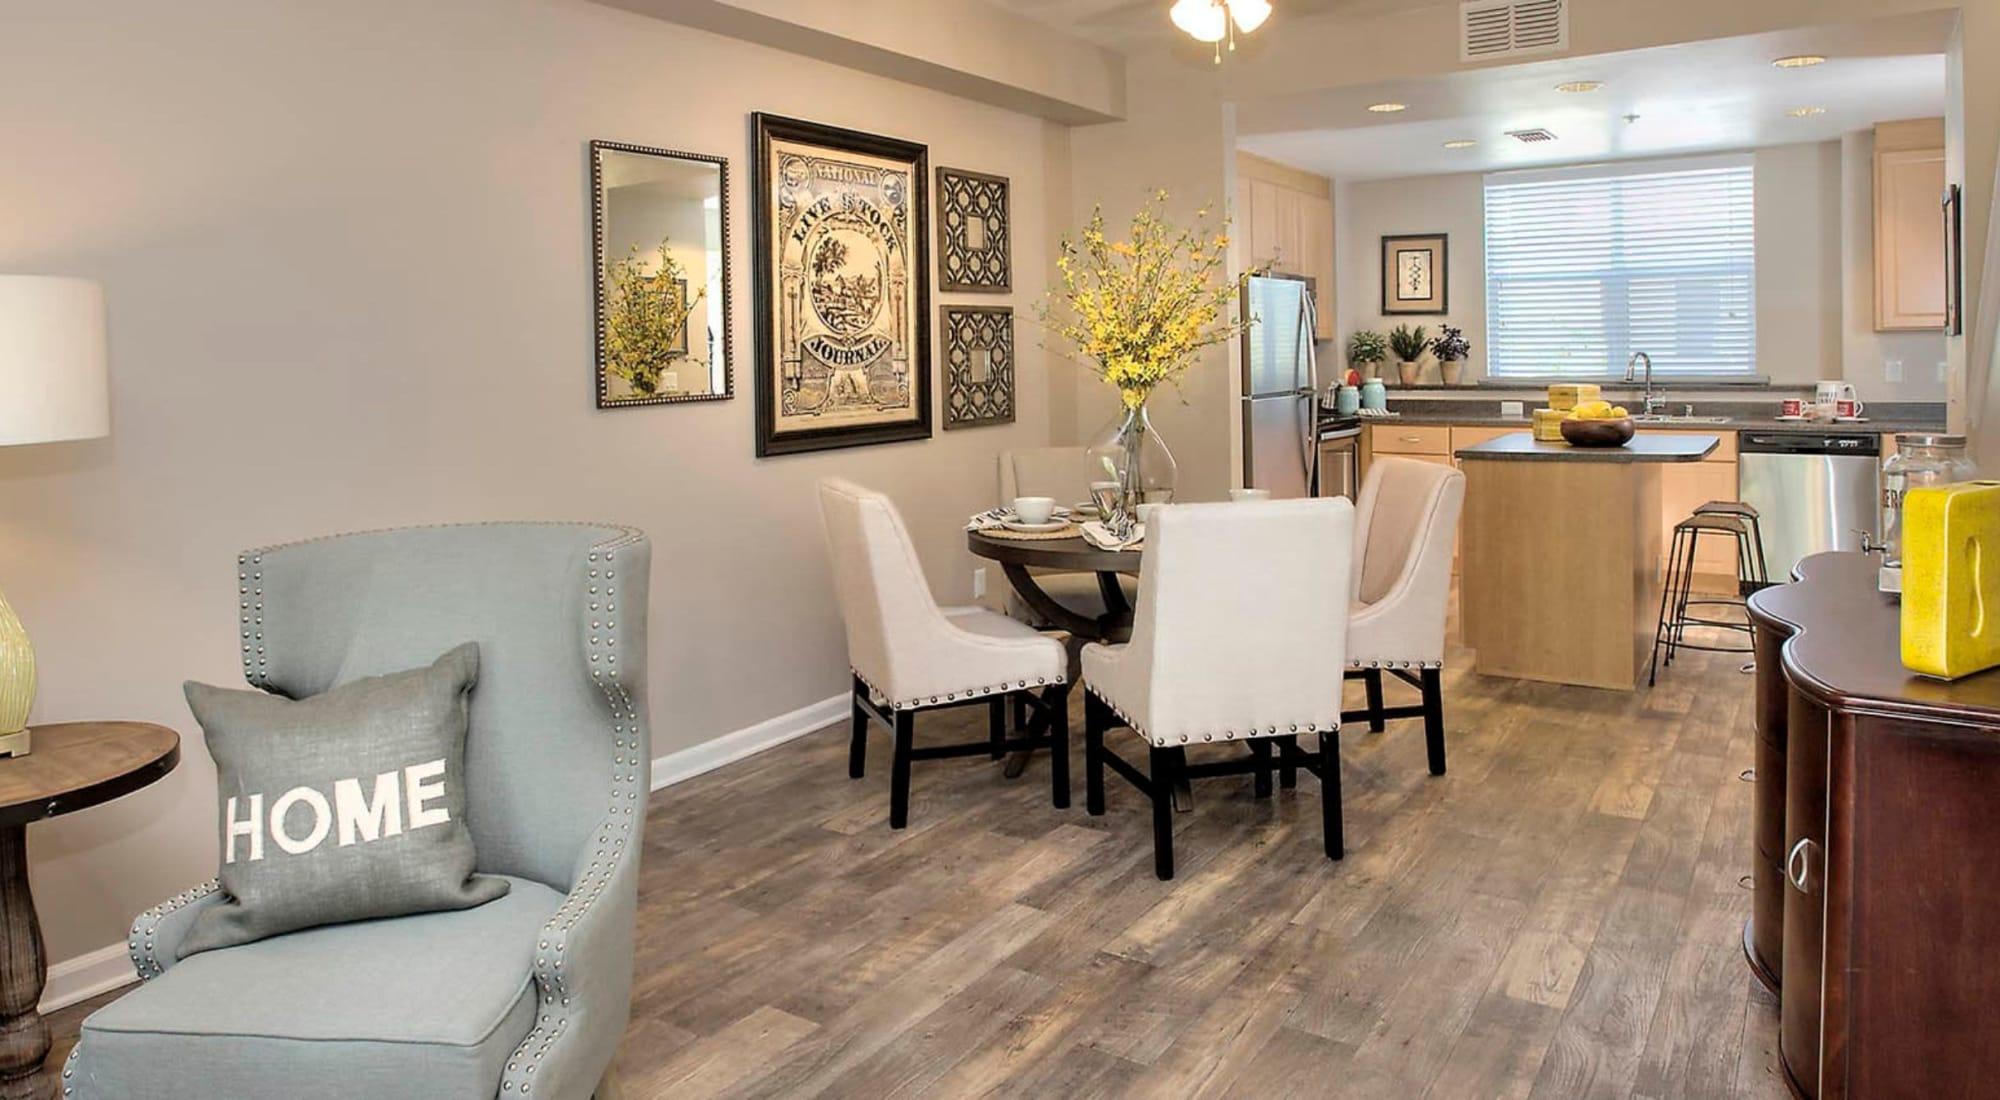 200, 20 & 20 Bedroom Apartments for Rent in Petaluma, CA